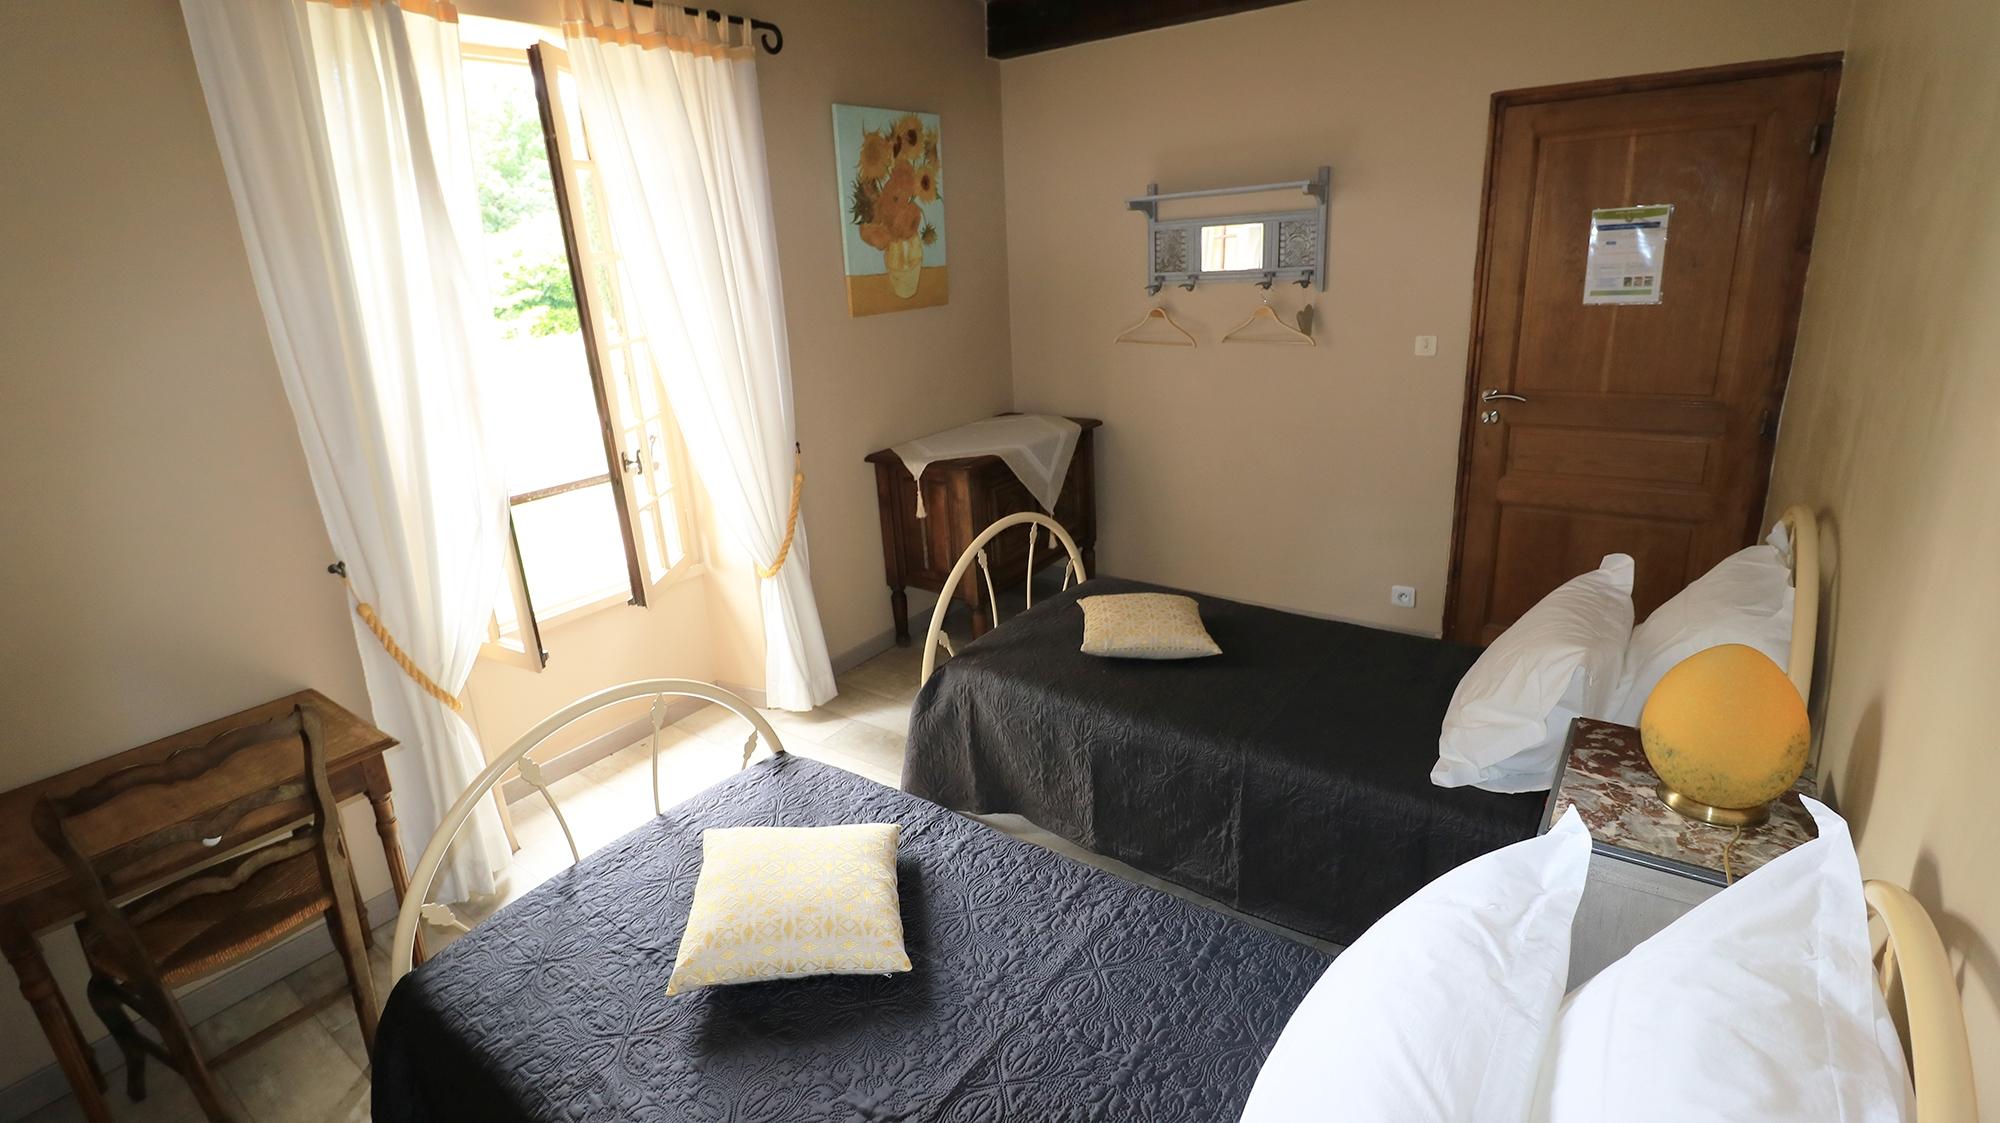 Suite Chambre d'hotes Les Tournesols Montaigu De Quercy La Quercynoise